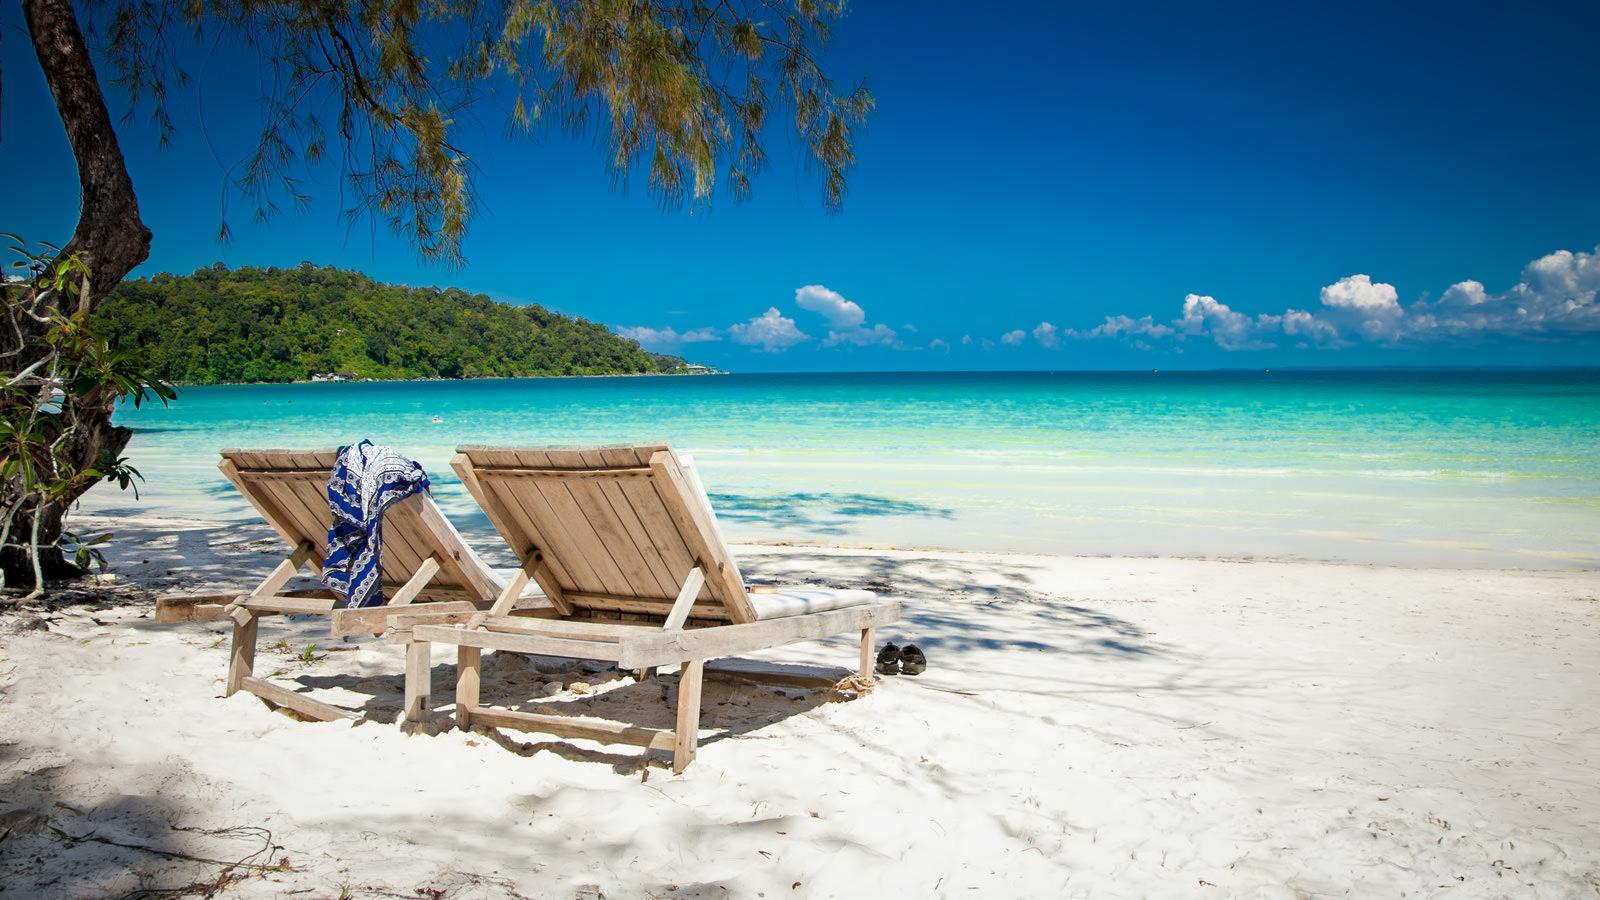 koh rong 1 - Đảo Koh Rong thiên đường lý tưởng để nghỉ dưỡng